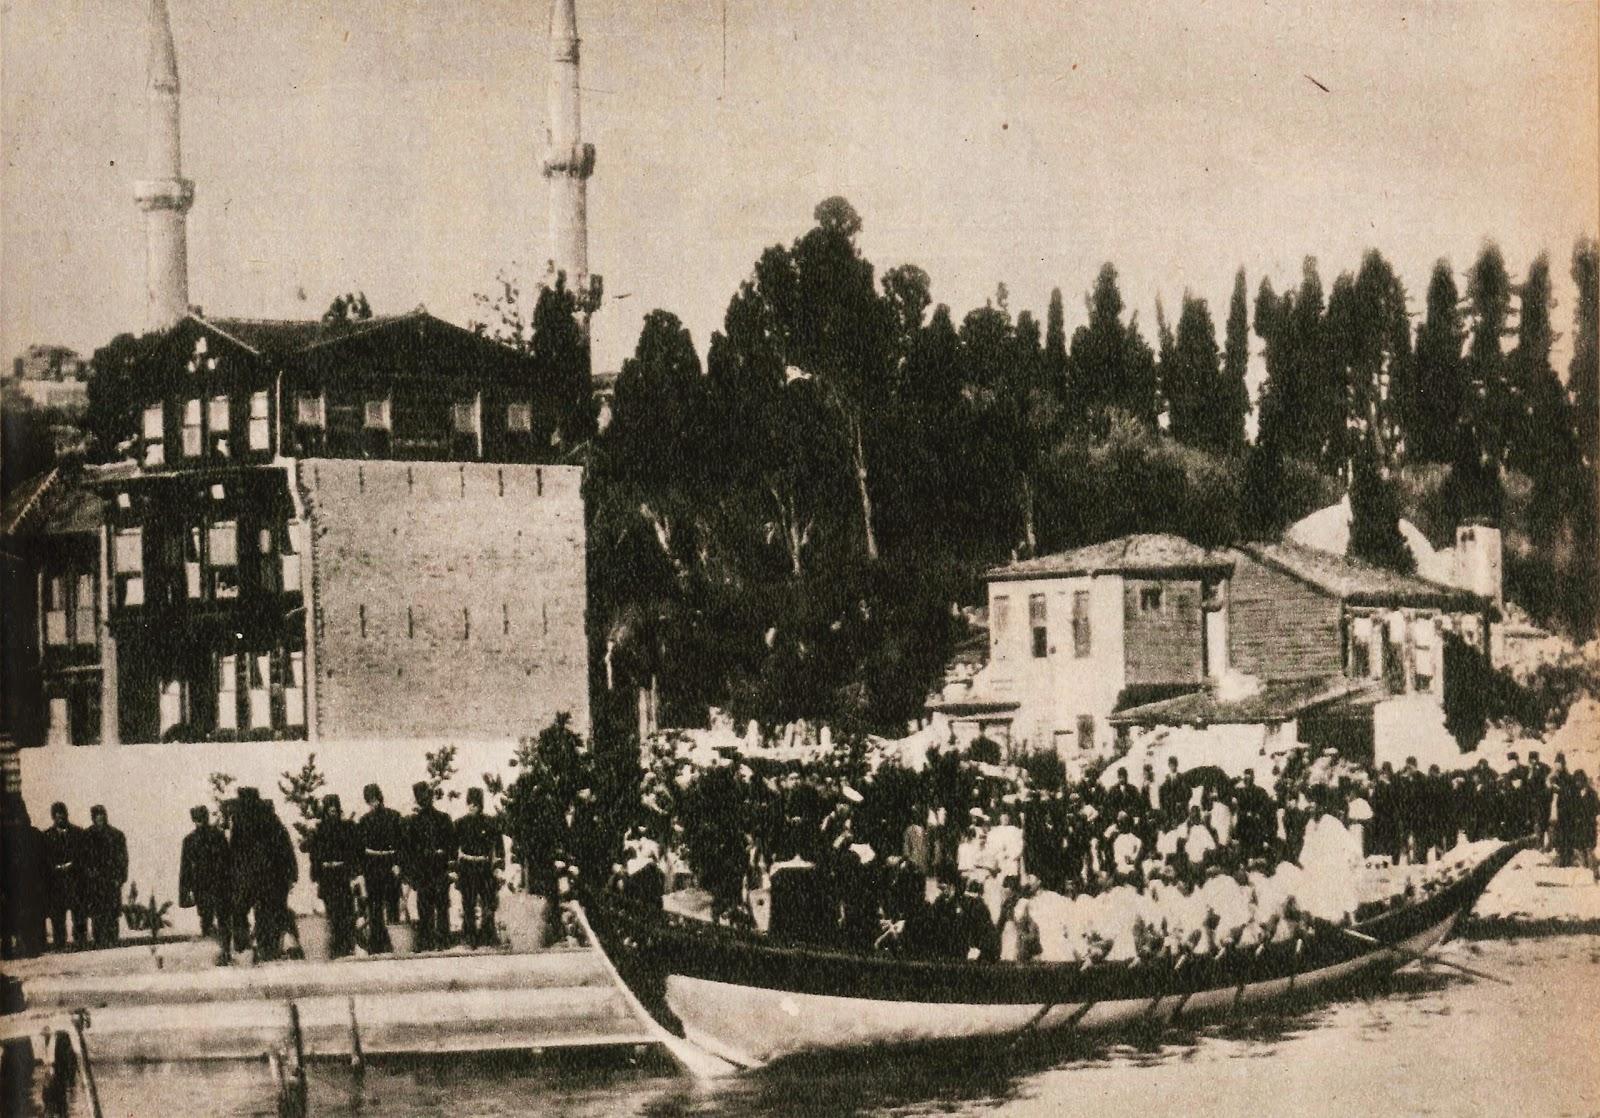 Almanya Kayzer Ziyareti İkinci Abdülhamid Hanı Memnun Etmiş. Alman İmparatoru II. Wilhelm'den Osmanlı Devleti Sultan Abdülhamid Dost Ziyareti